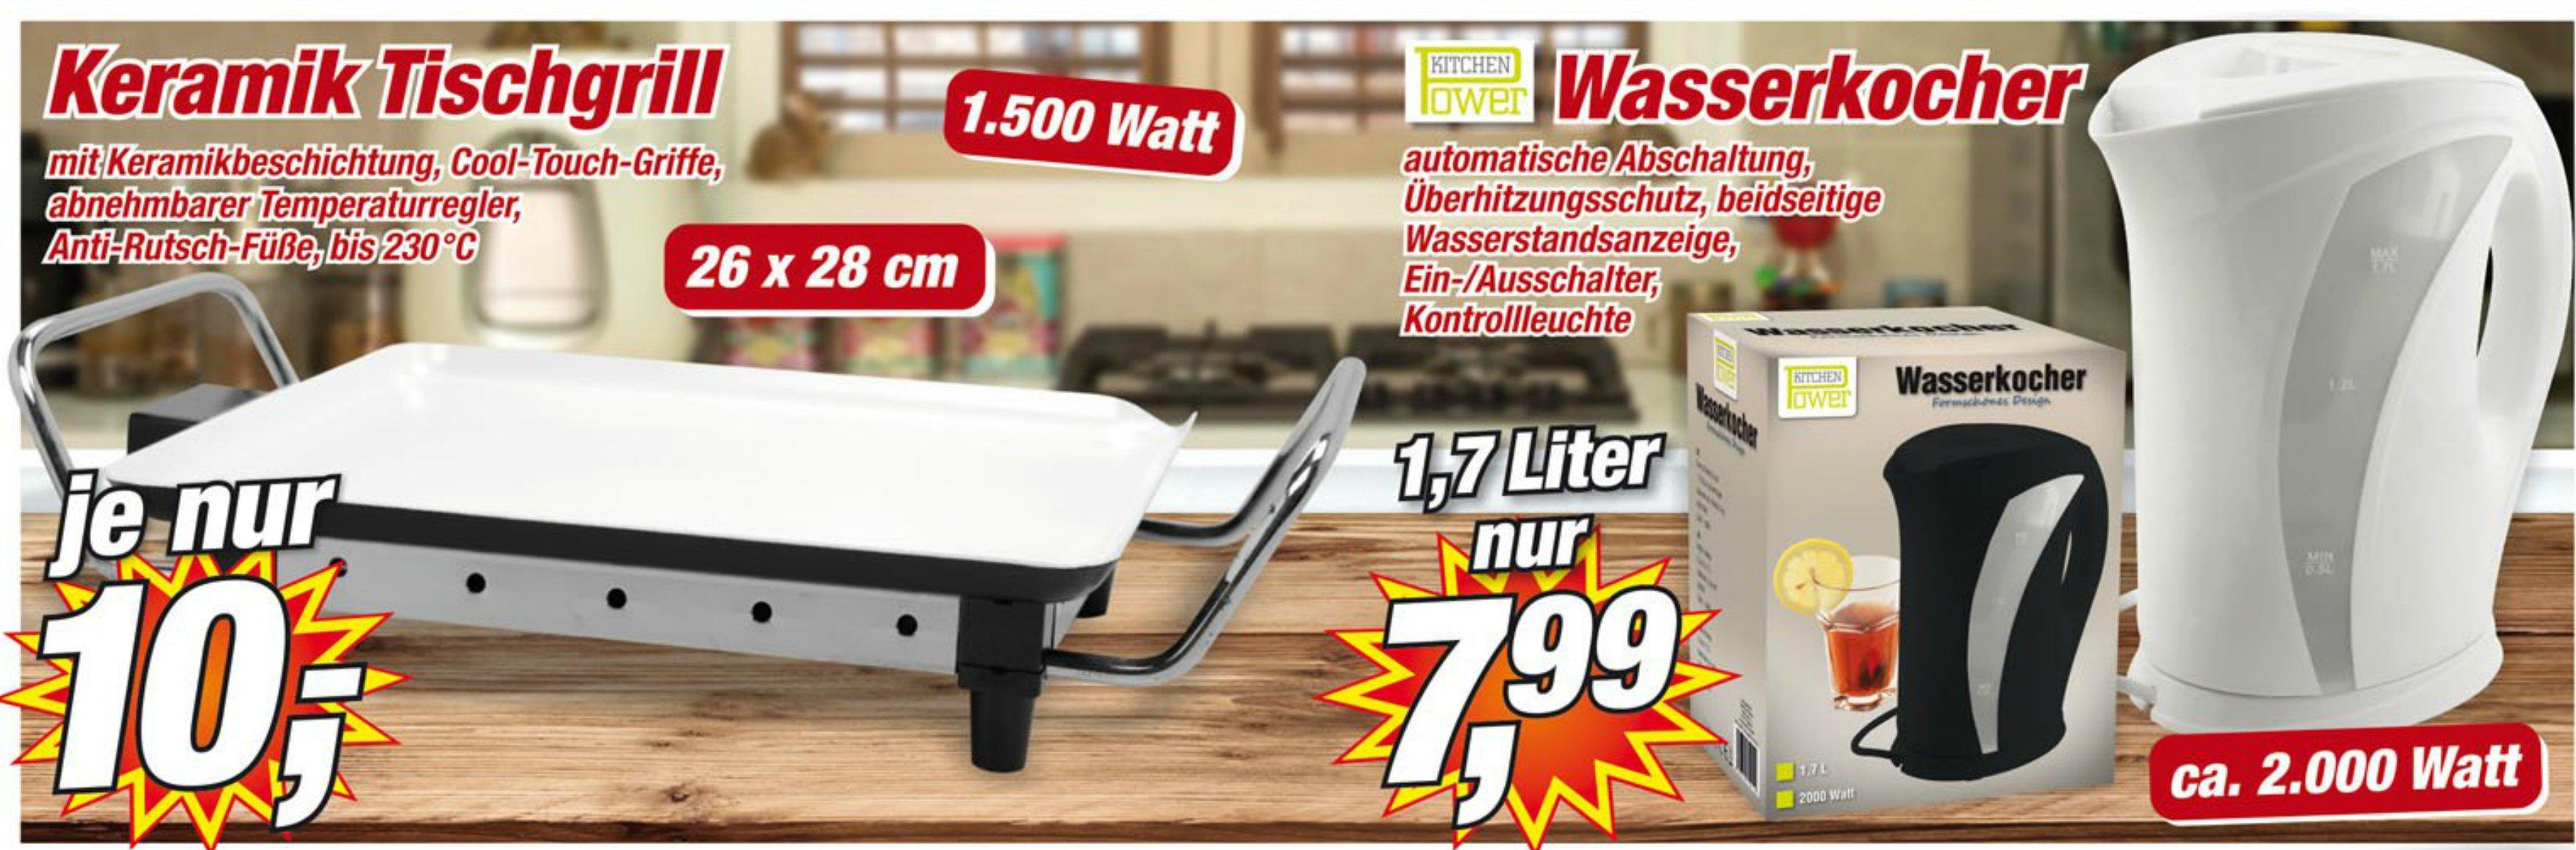 [Posten-Boerse] Wasserkocher 1,7L mit 2kW für 7,99 und Keramik Tischgriller für nen 10er